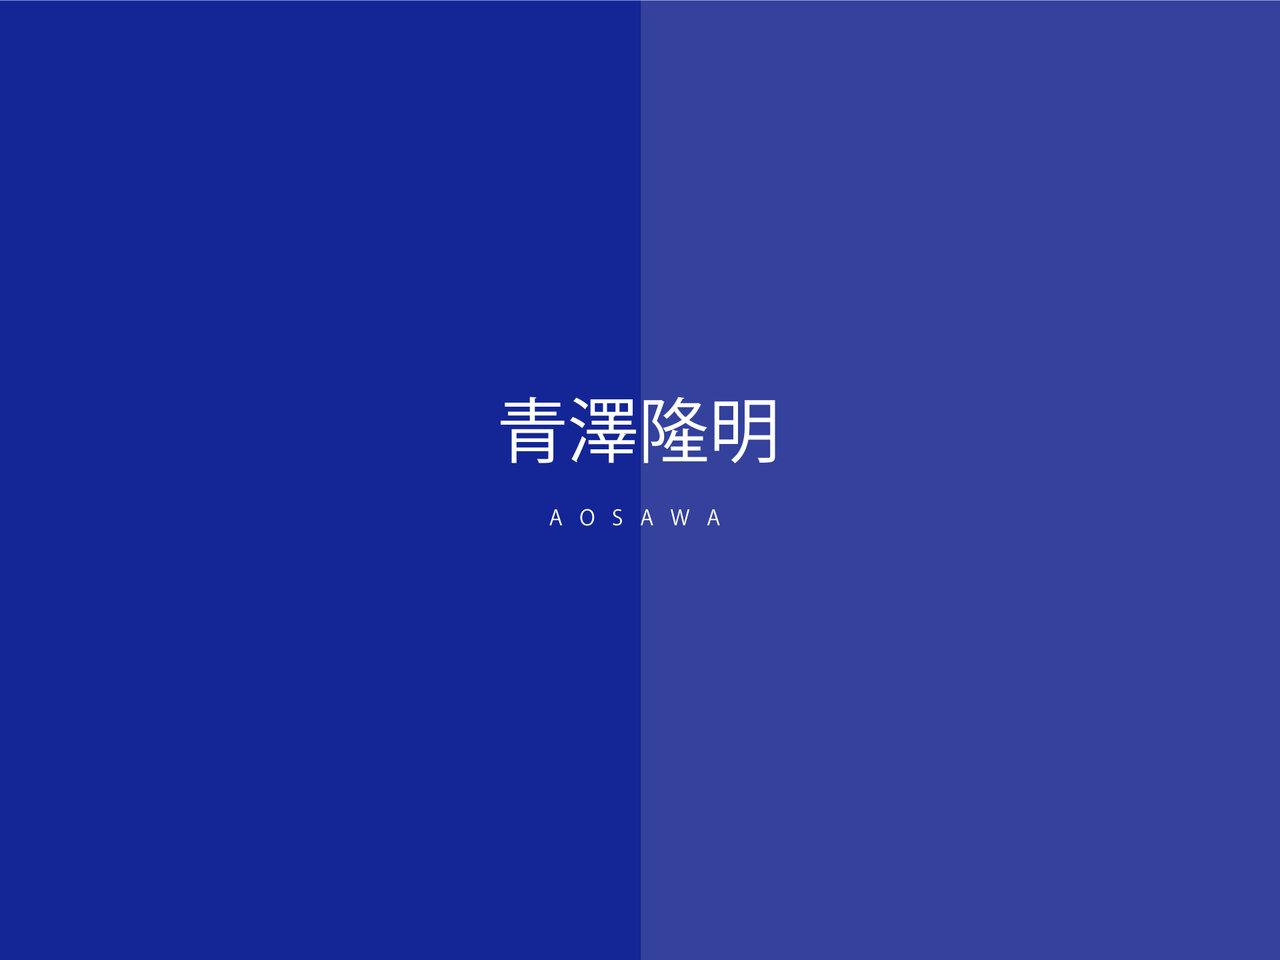 ジョニー・ビー・グッド  Johnny B. Goode - 広上淳一指揮日本フィル、定期演奏会再開